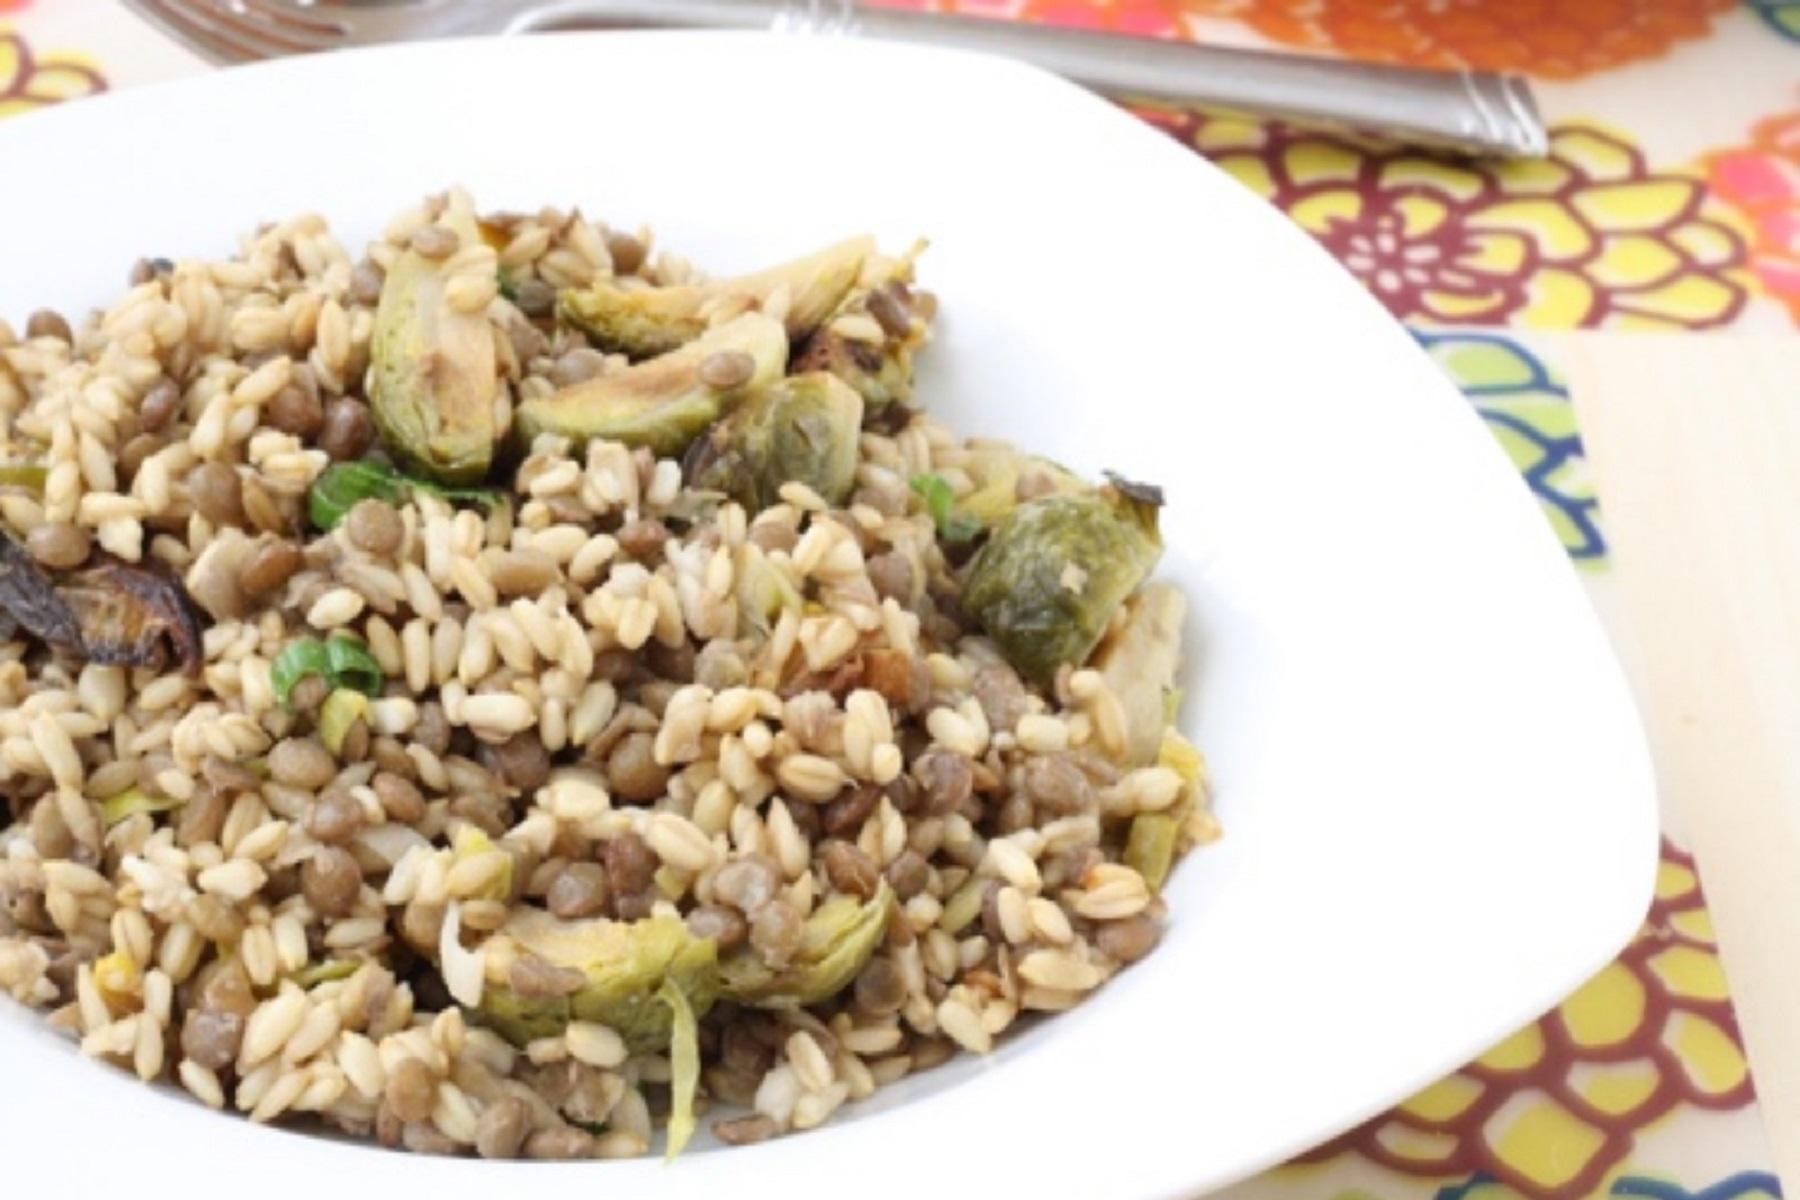 Νηστεία Διατροφή: Τρεις Μοναστηριακές εύκολες υγιεινές επιλογές